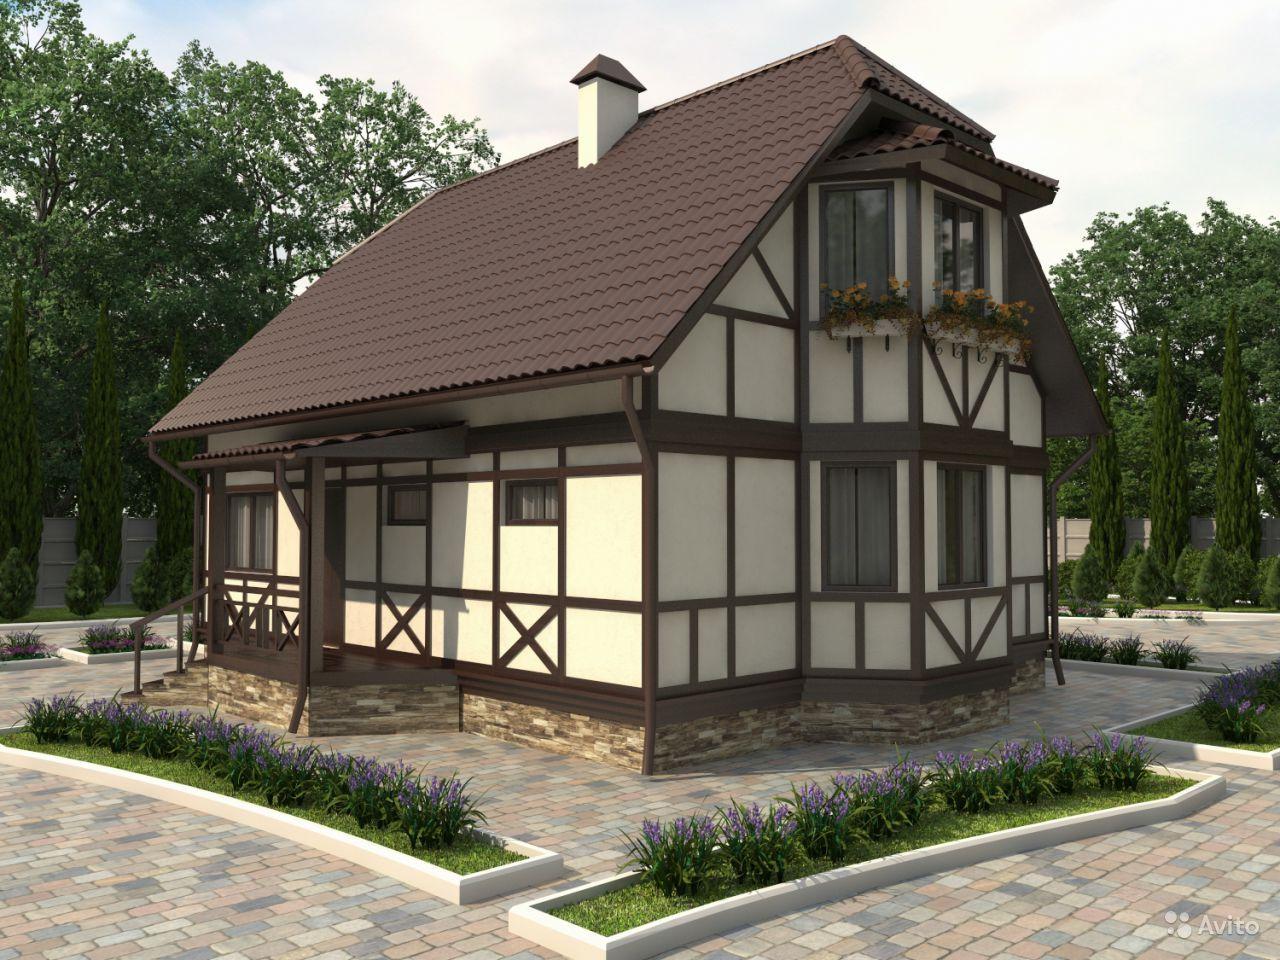 Фото немецких домов фахверков 2